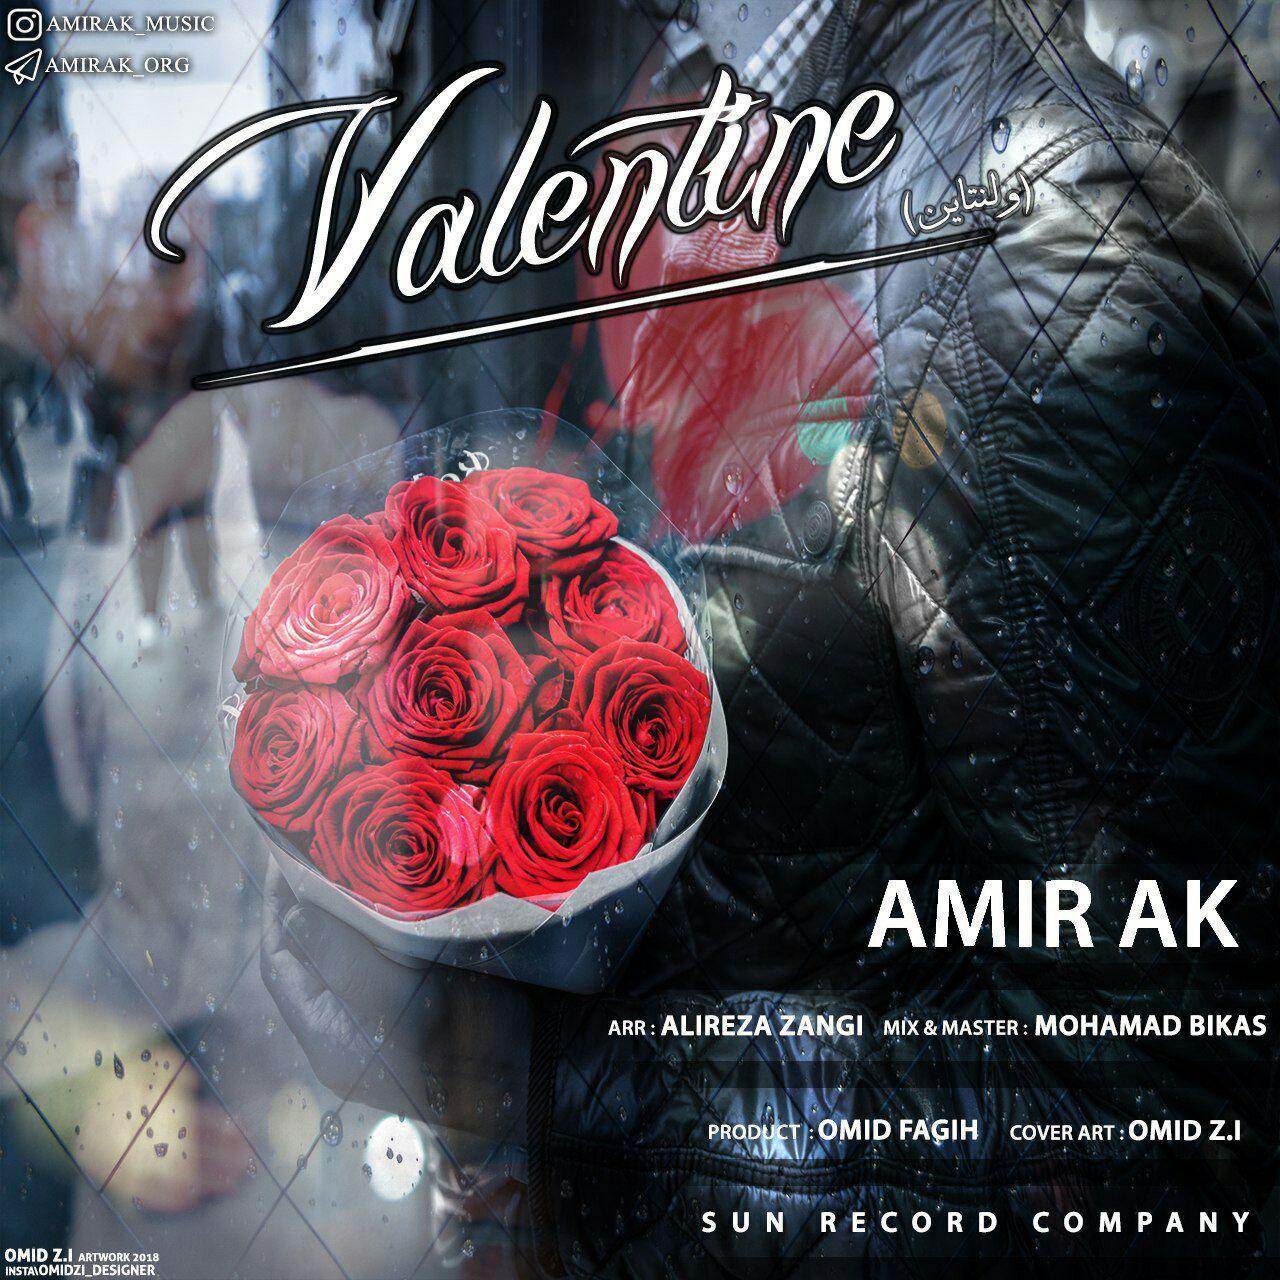 http://s8.picofile.com/file/8321321726/06Amir_Ak_Valentine.jpg